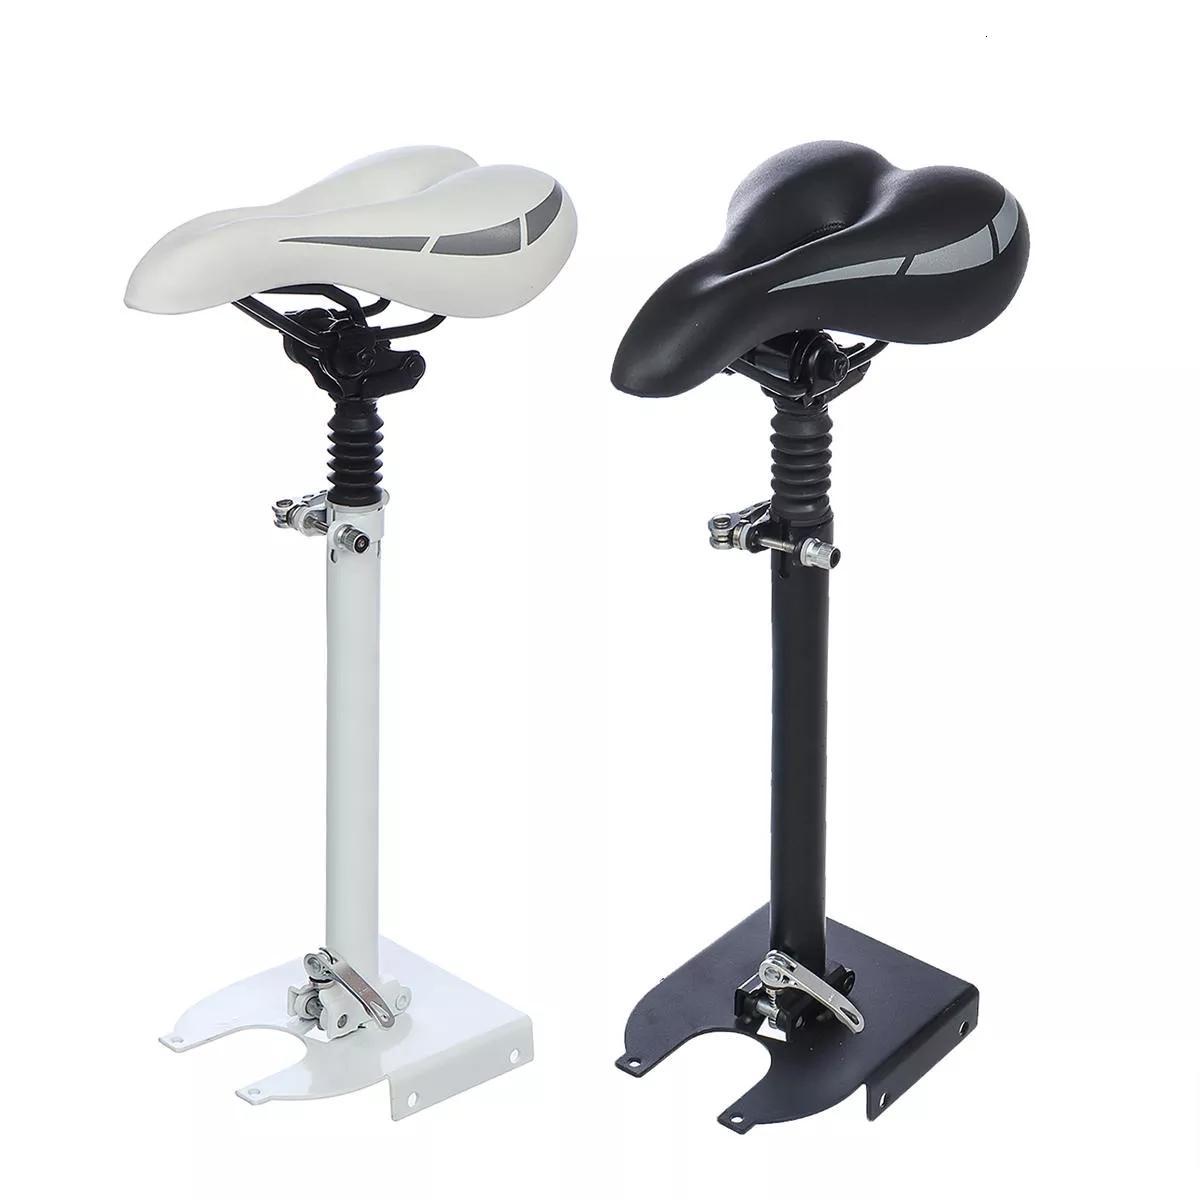 Selle de siège pliable en hauteur réglable pour scooter électrique mijia m365 - blanc